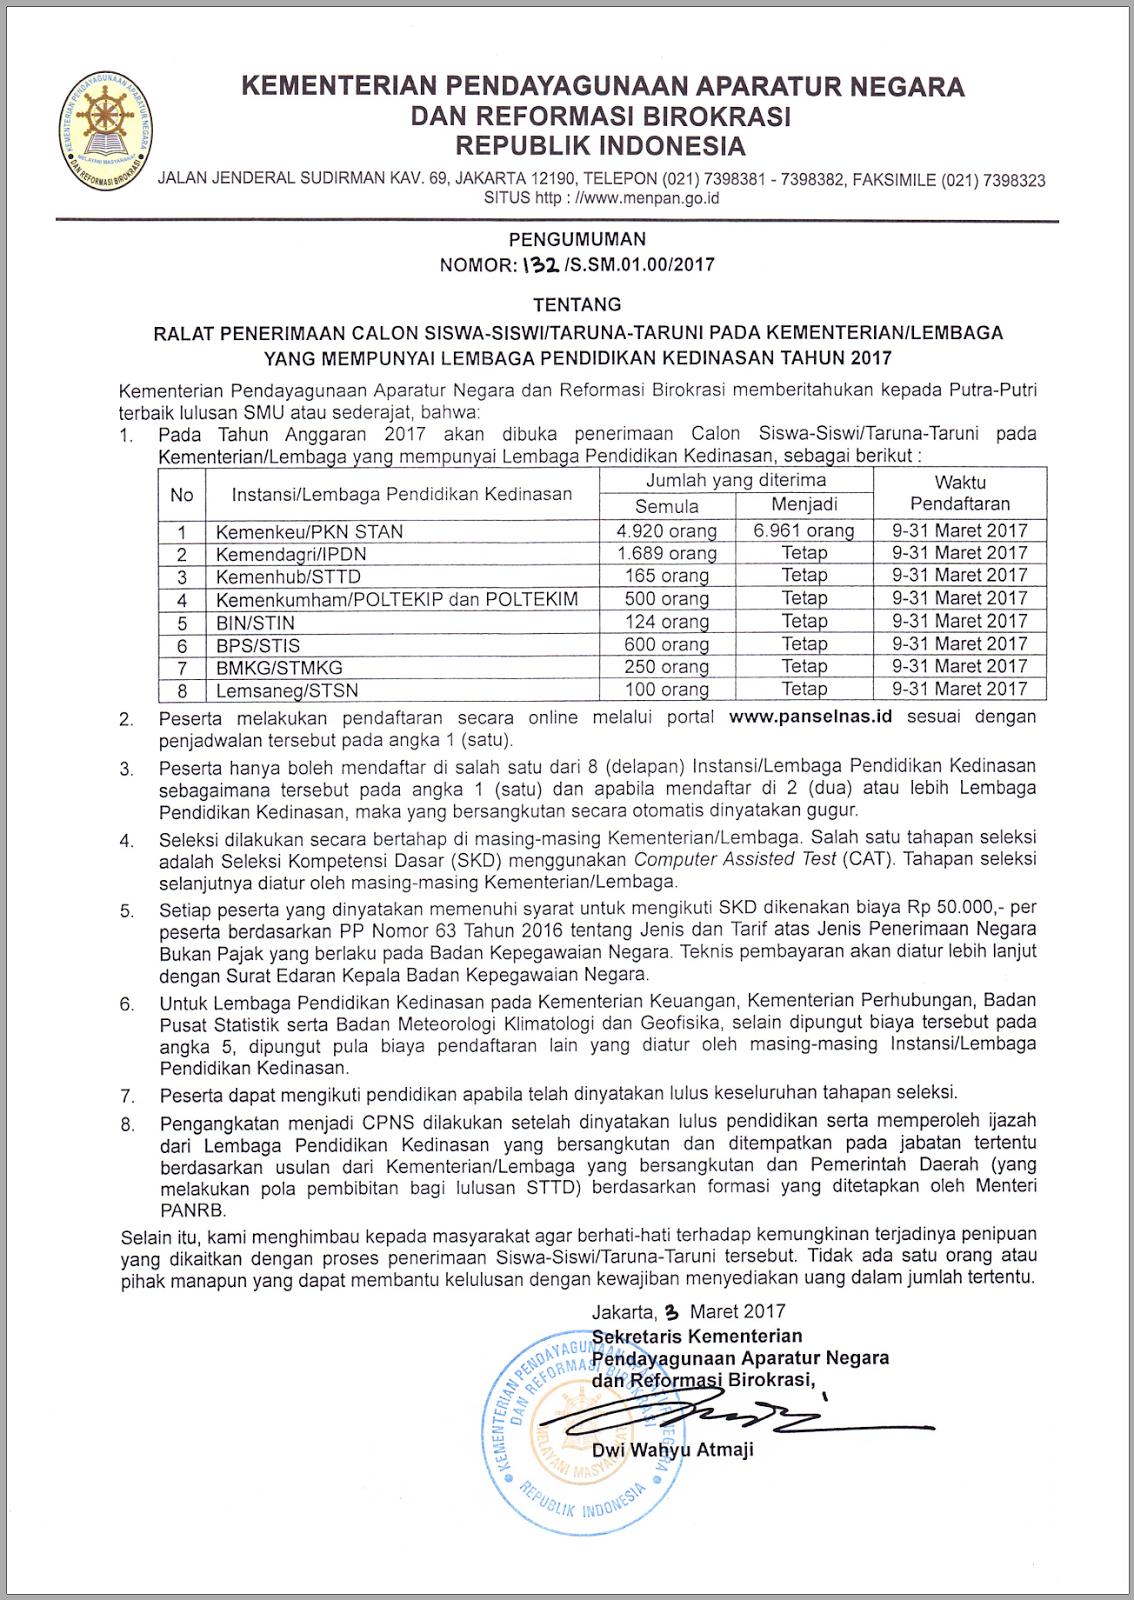 MynewRAN  Pendaftaran CPNS untuk Sekolah Tinggi Ikatan